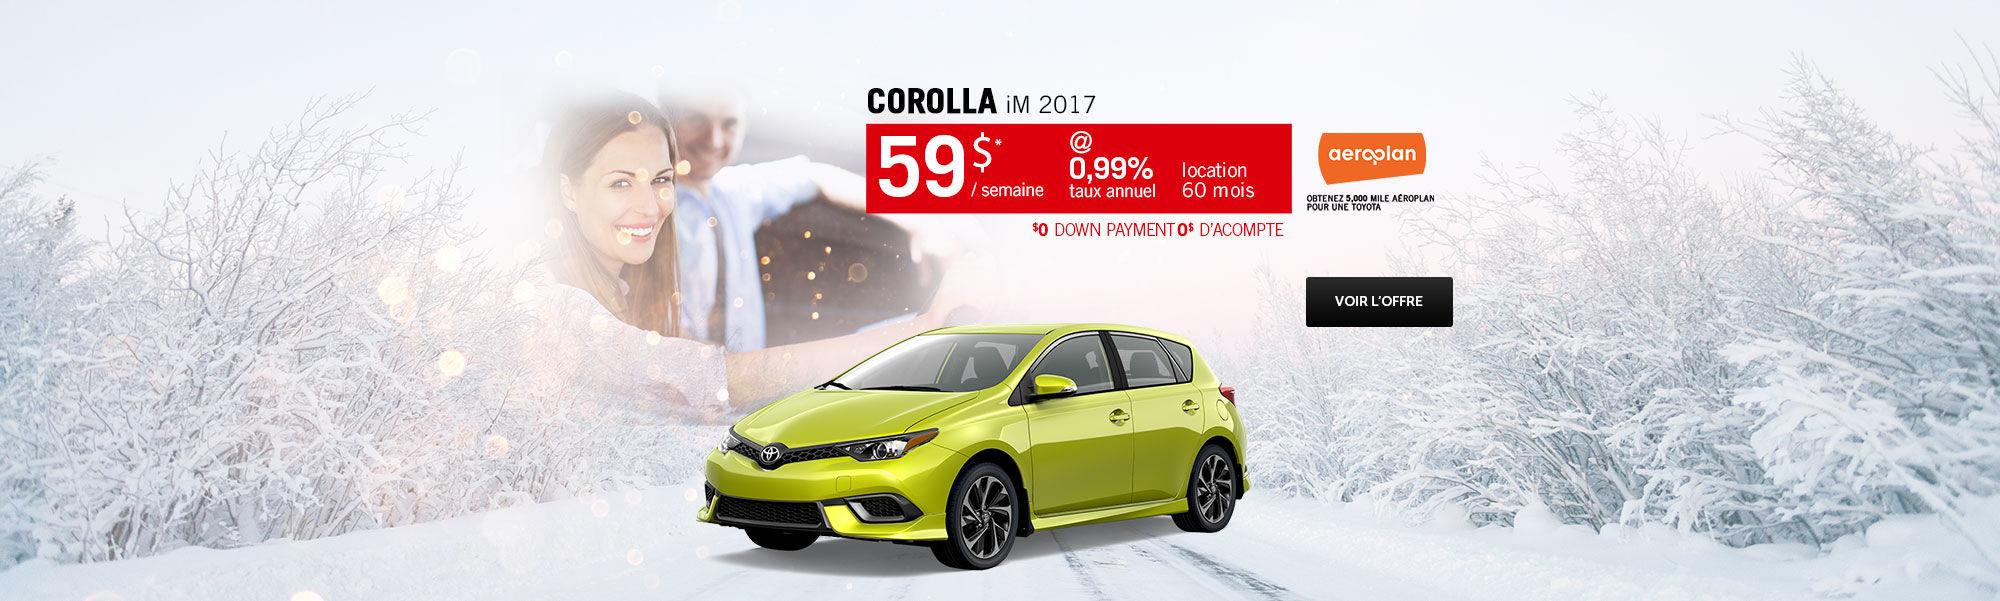 Saison des choix sensés - Corolla iM